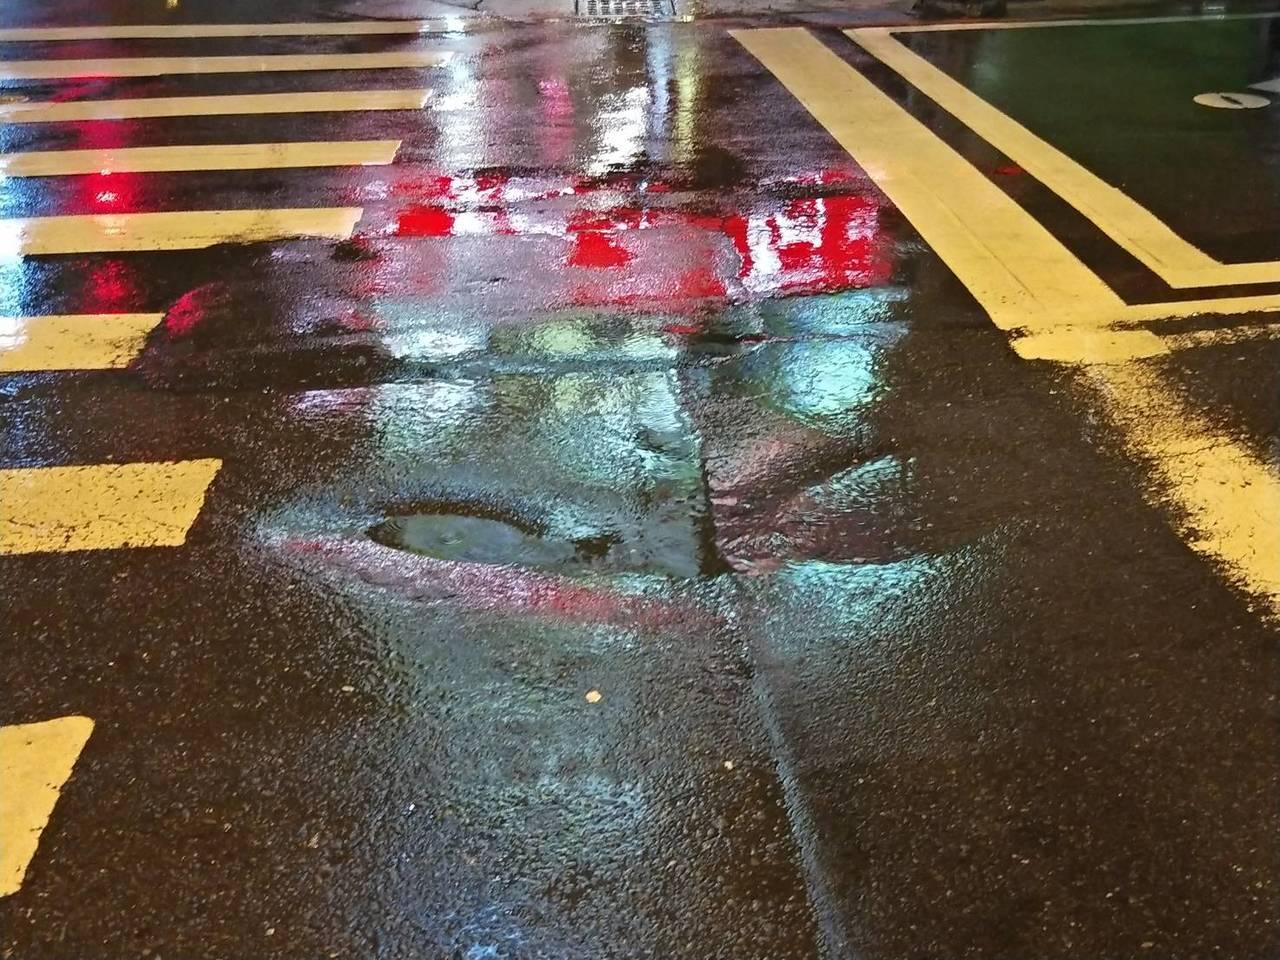 台南市連日大雨路面頻傳下陷, 昨天深夜東寧、長榮路口又有路面凹陷。圖/ 黃明俊提...